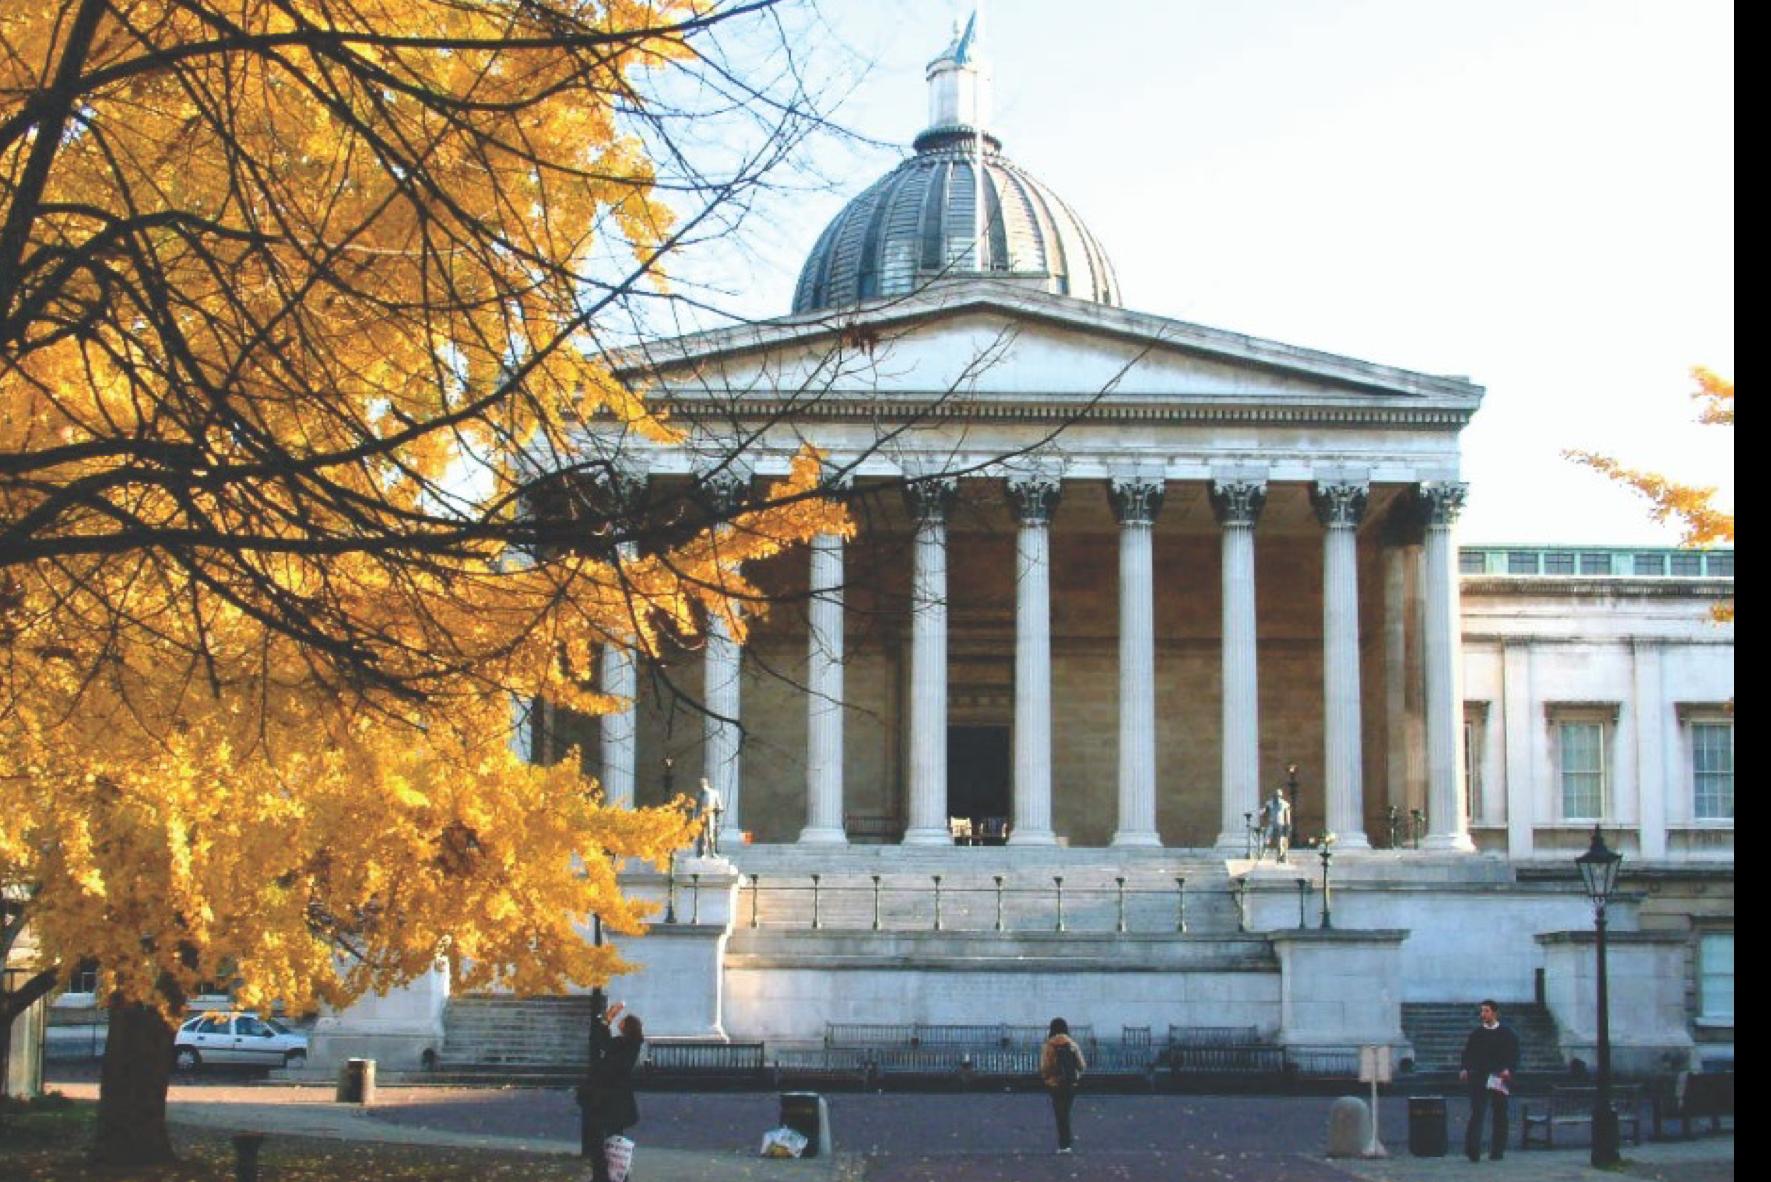 英國倫敦大學亞非學院(SOAS)發表指引,要求學者在課堂中不要錄影課堂內容,以避免師生到訪大陸和香港地區時觸犯國安法被捕。圖為倫敦大學學院。(倫敦大學Facebook)